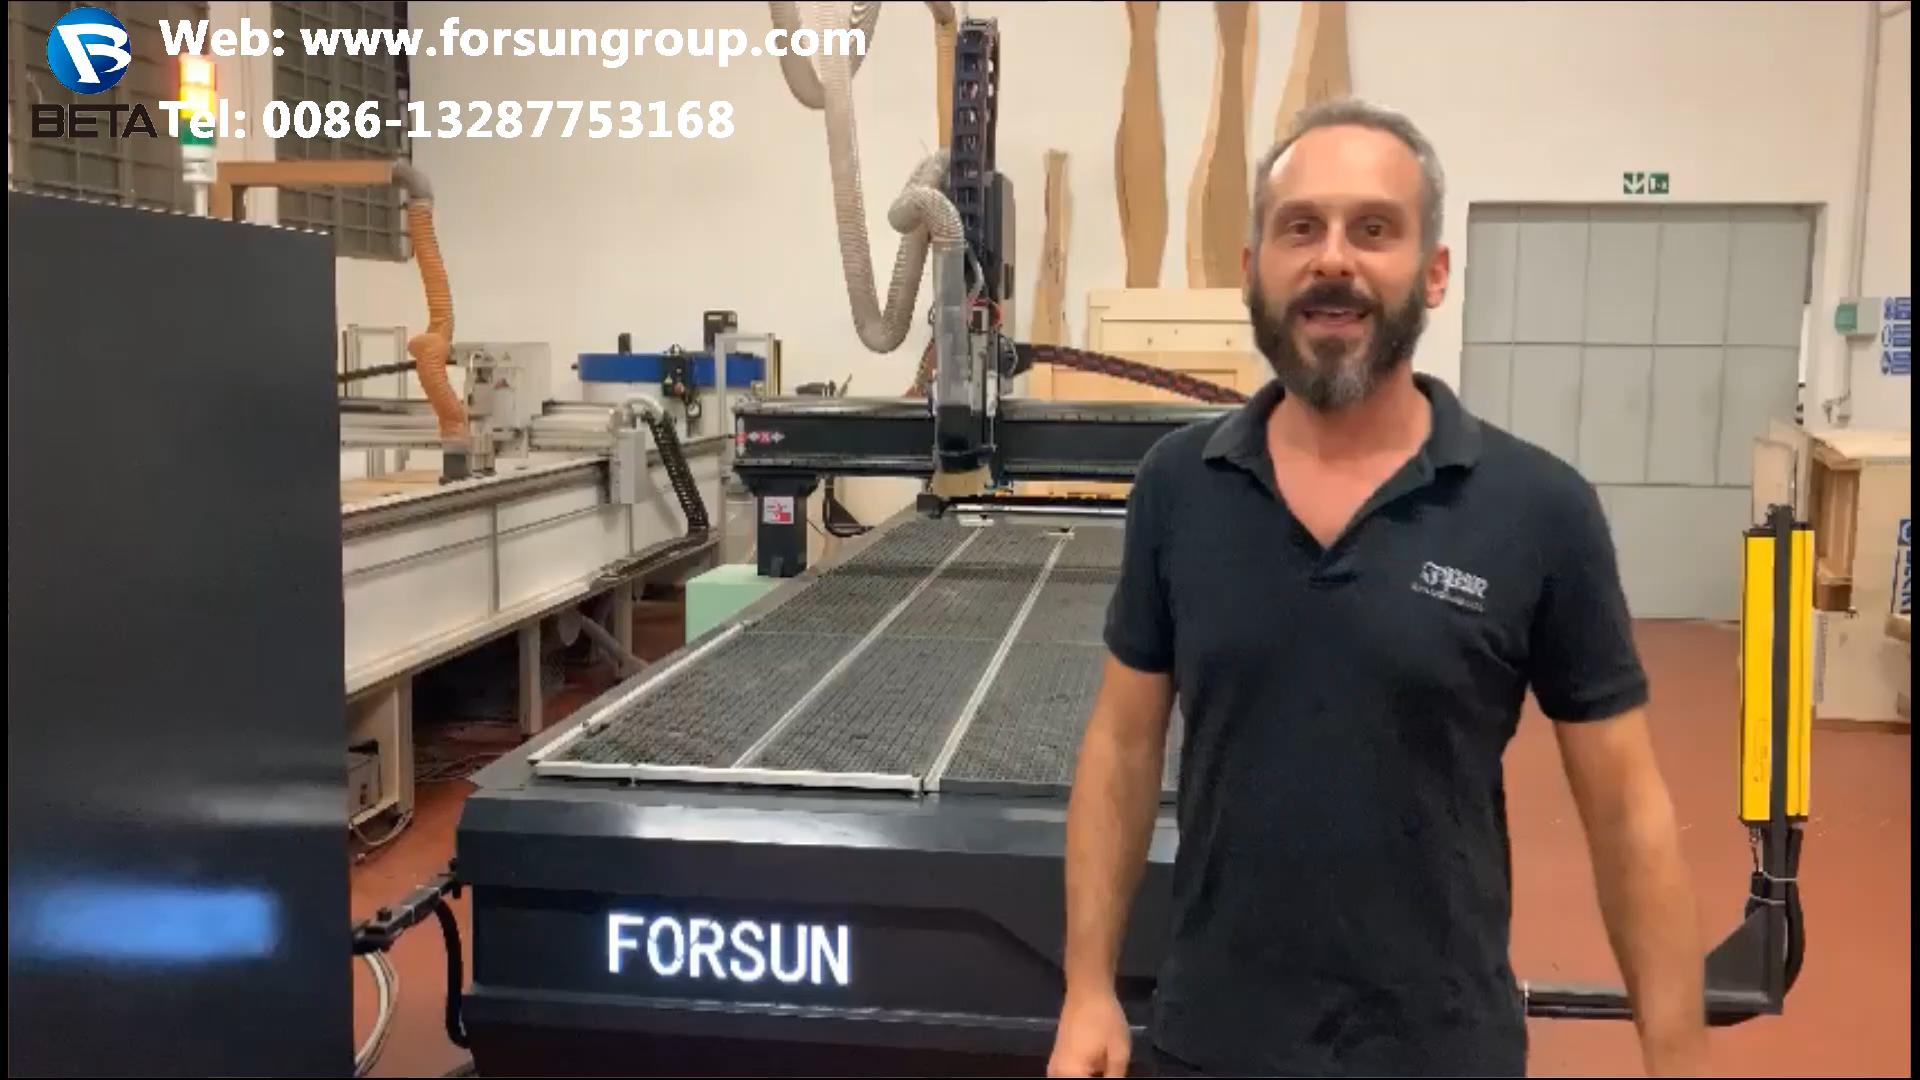 FORSUN CNC 1325 cnc pipe plasma cutter for welding tube cutting machine